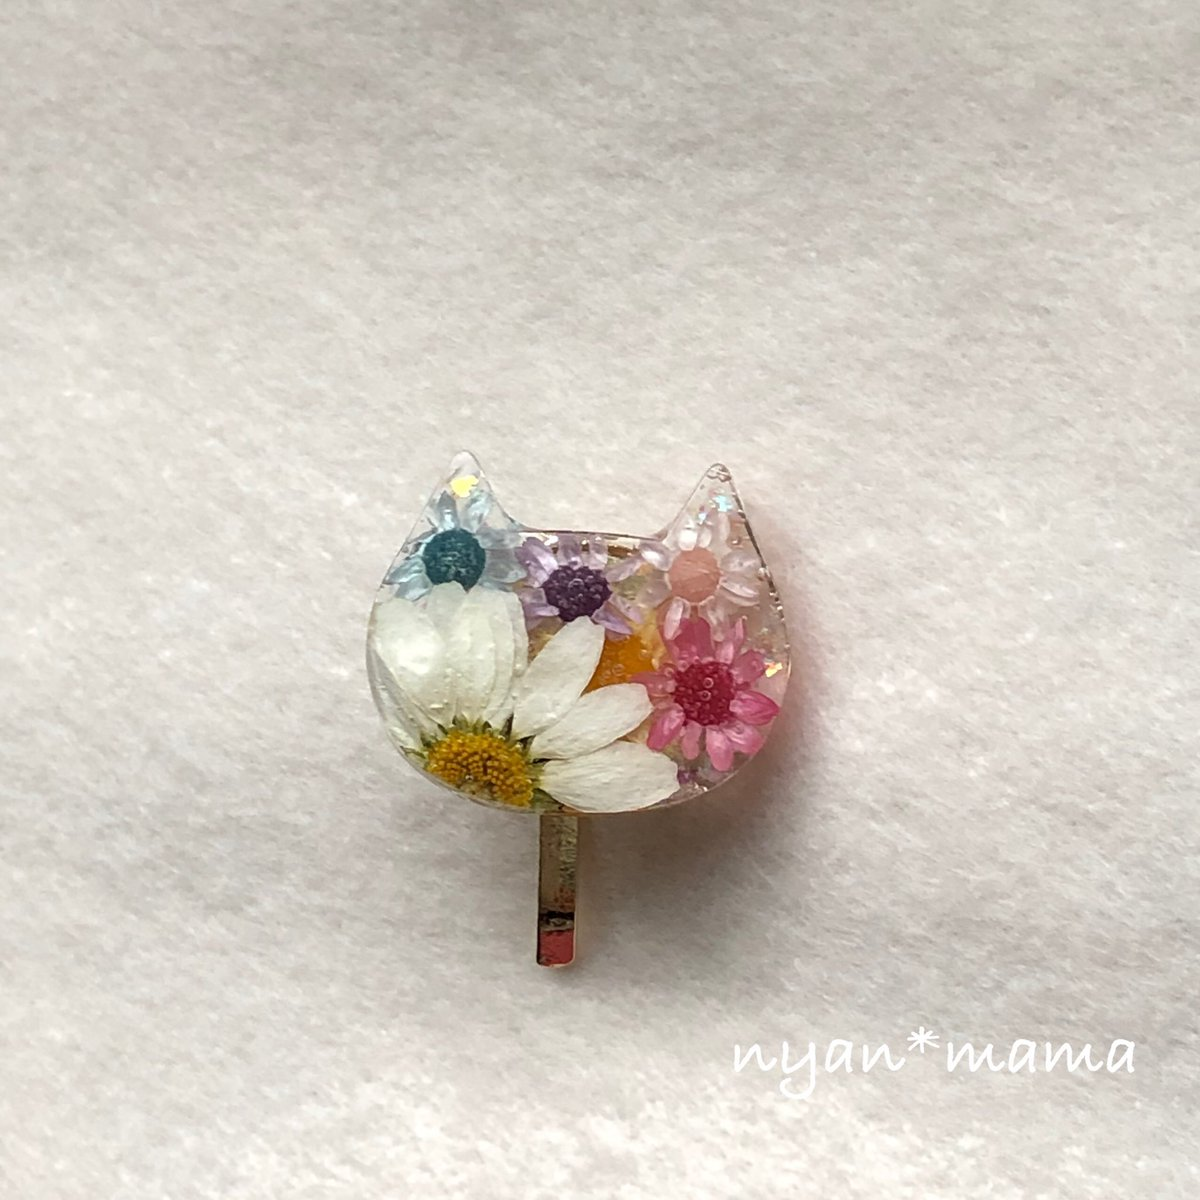 お花にゃんこのポニーフック ノースポールとスターフラワー💓 ミンネ、クリーマ、ラクマで販売しています! よろしくお願いします(*´˘`*)♡ #猫 #猫好き #猫雑貨 #ノースポール #スターフラワー #ドライフラワー #ポニーフック https://t.co/CqFs2ykqtj